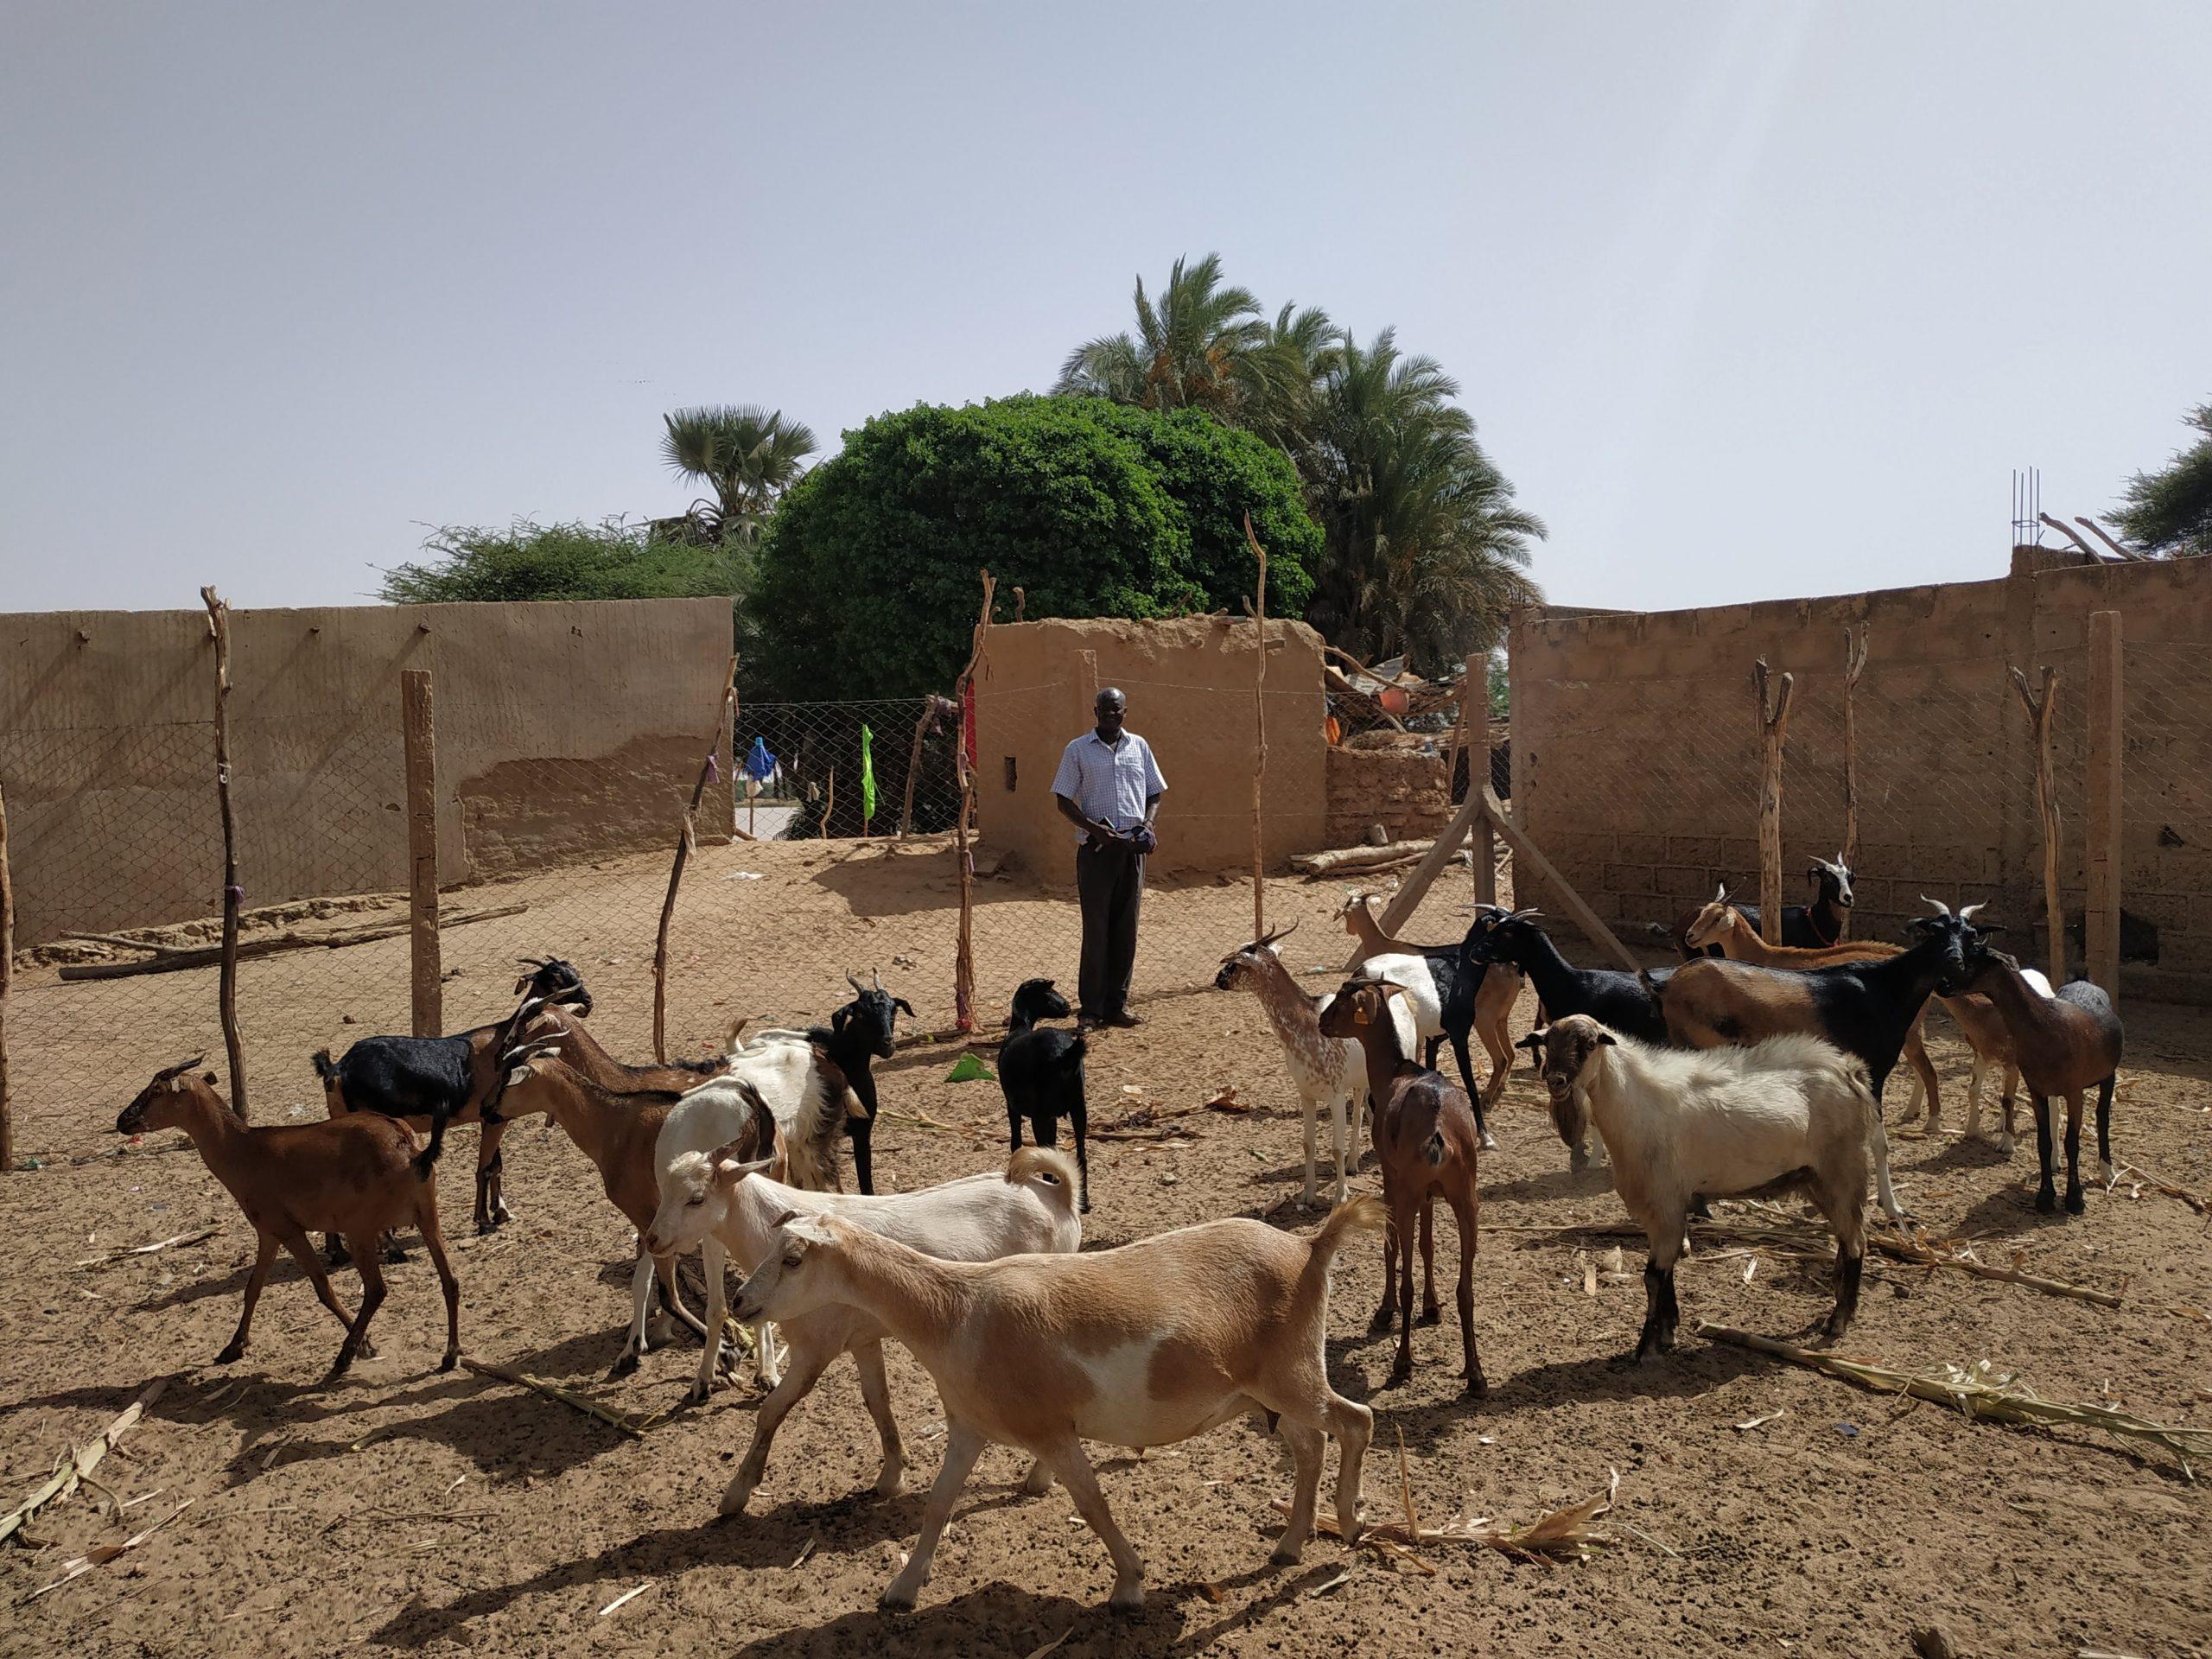 Mujeres rurales en Senegal. Resiliencia ante la adversidad